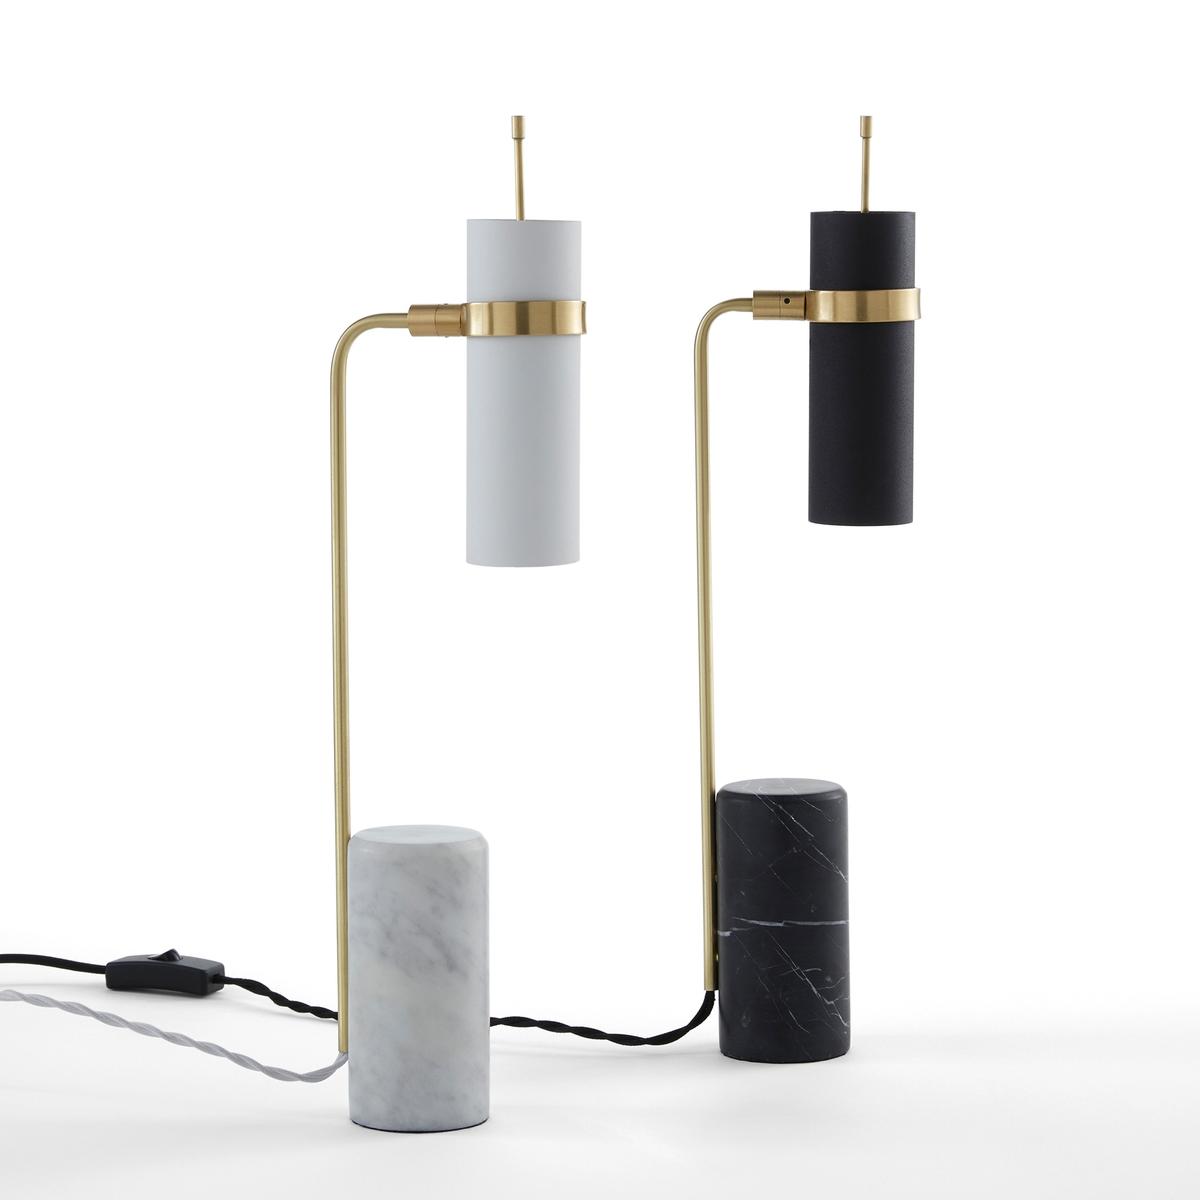 Лампа настольная, IsaureНастольная лампа Isaure. Замечательное сочетание окрашенного металла и латуни, лампа идеально подходит для направленного освещения письменного стола или столика. Имеется модель из мрамора белого и черного цветов.Характеристики: - Основание из мрамора: каждое изделие уникально, рисунок разных изделий может отличаться.- Поворачивающийся абажур из металла с зернистой поверхностью.- Ножка из металла с отделкой под латунь, ?8 см- Патрон G9 для лампы макс. 18 Вт (продается отдельно). - Совместима с лампами класса энергопотребления C.Размеры: - ?6,5 x В47 см<br><br>Цвет: белый/латунь<br>Размер: единый размер